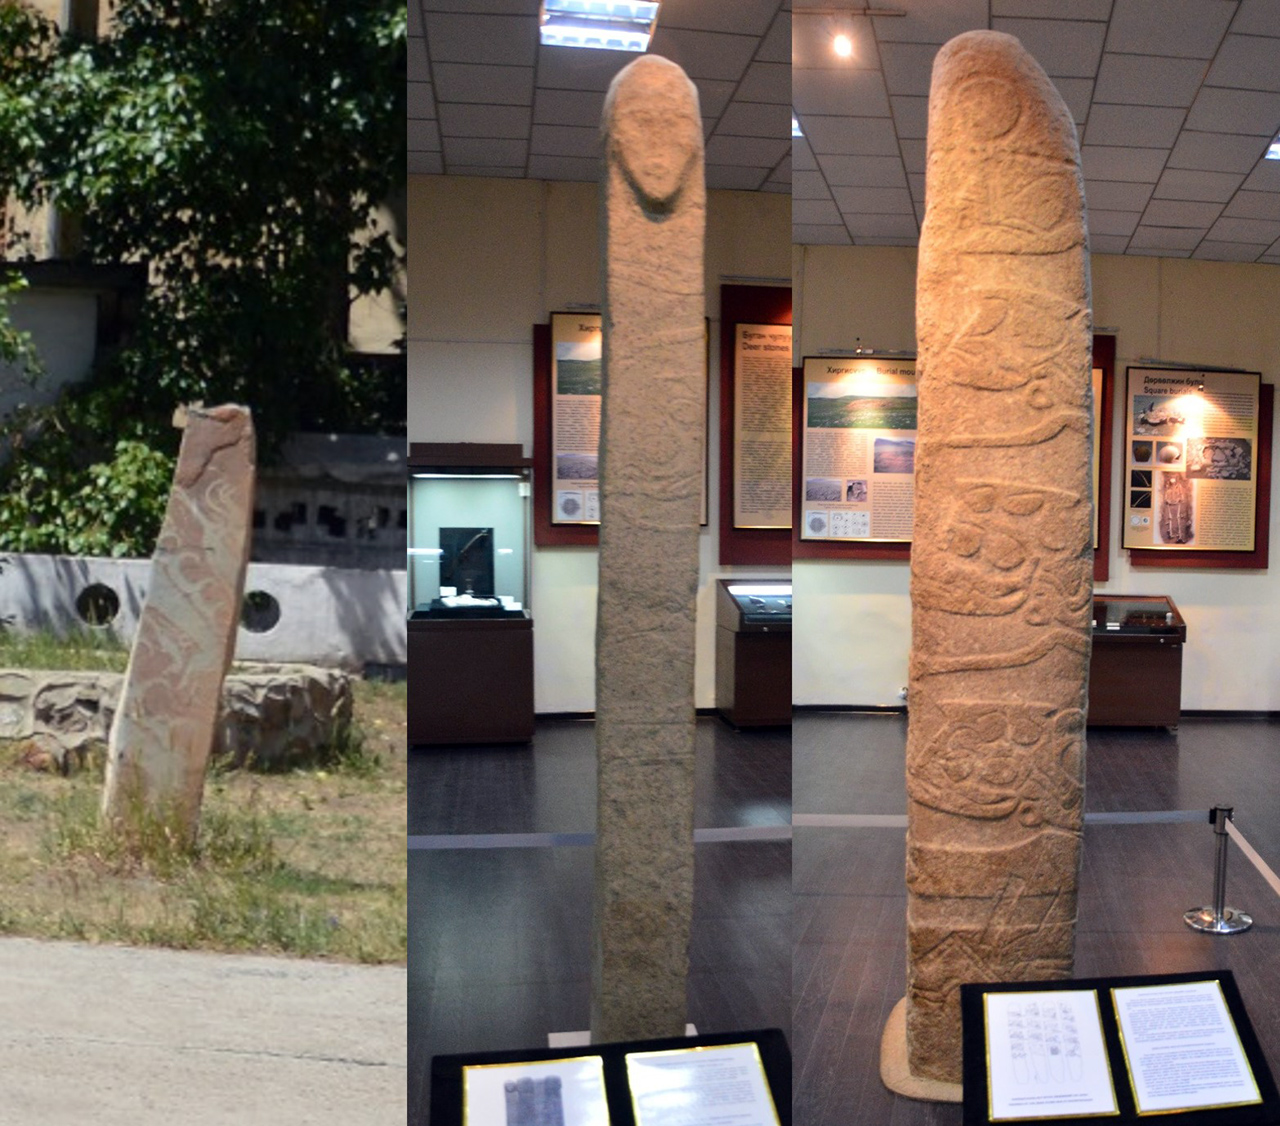 사슴돌. 몽골 초원에서 발견되는 사슴돌은 기원전에 만들어진 기념비적인 유물이다.